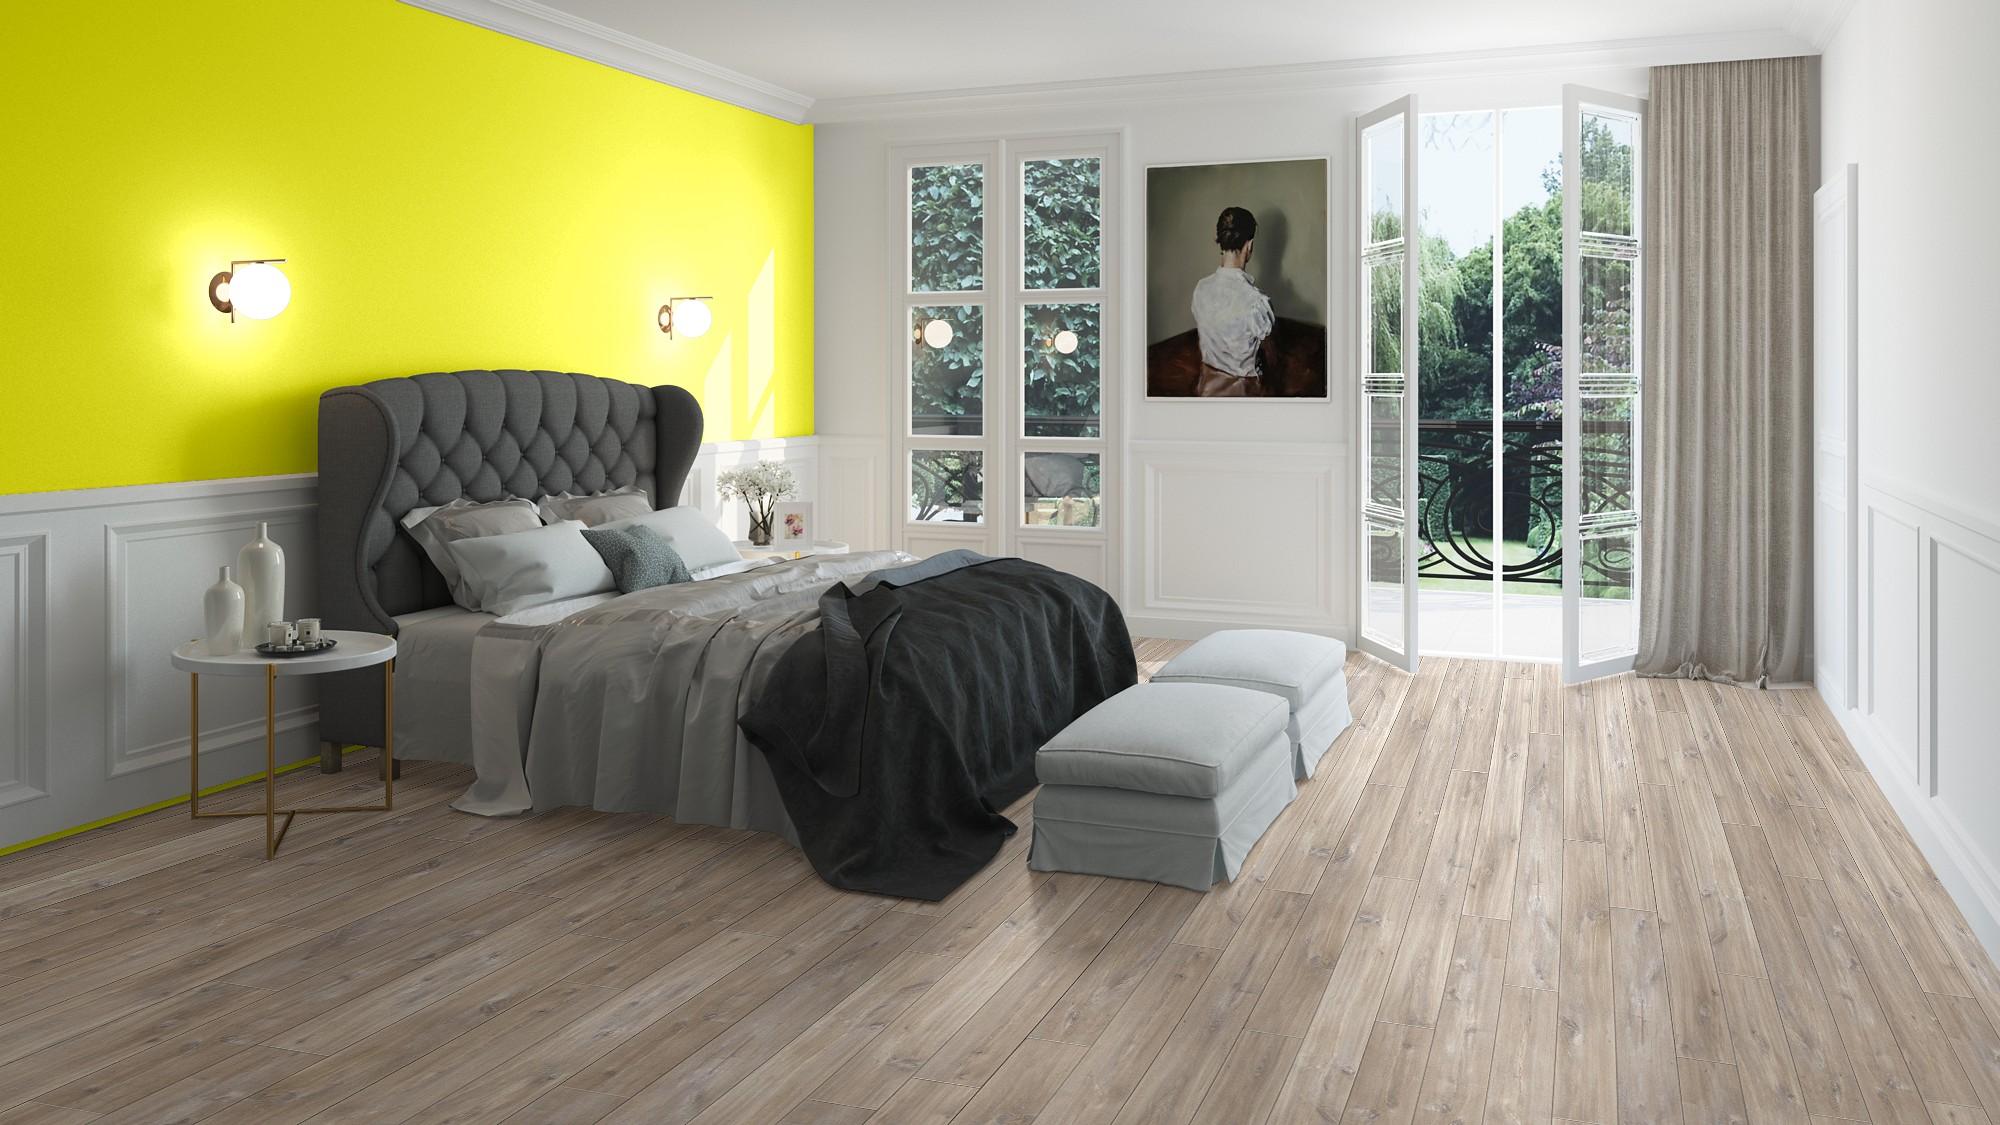 laminaat vloer gratis gelegd 18 50 p m2 laminaat aanbieding